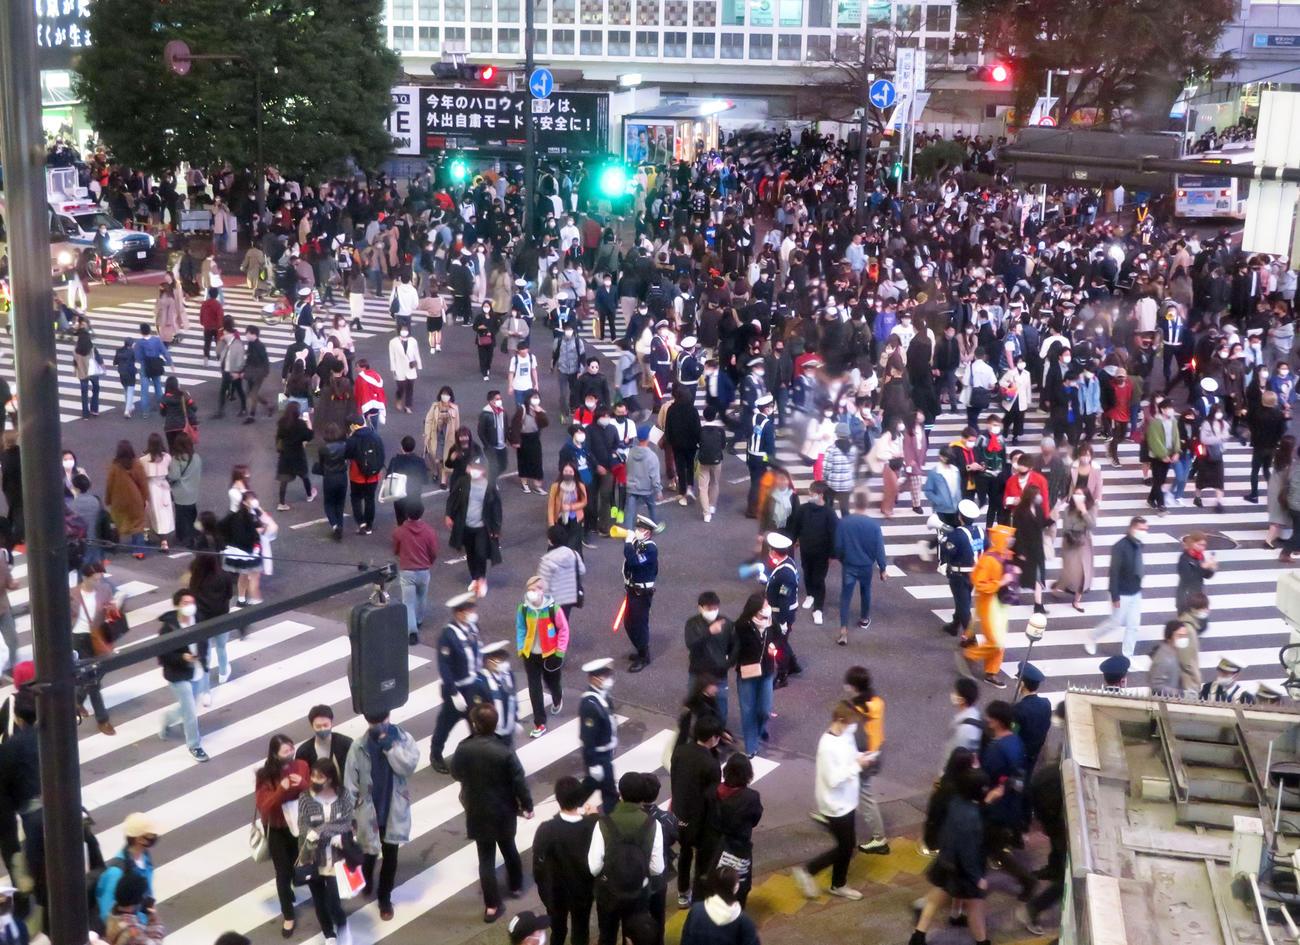 多くの警察官が警戒する中、人々が行き交う渋谷のスクランブル交差点(撮影・沢田直人)